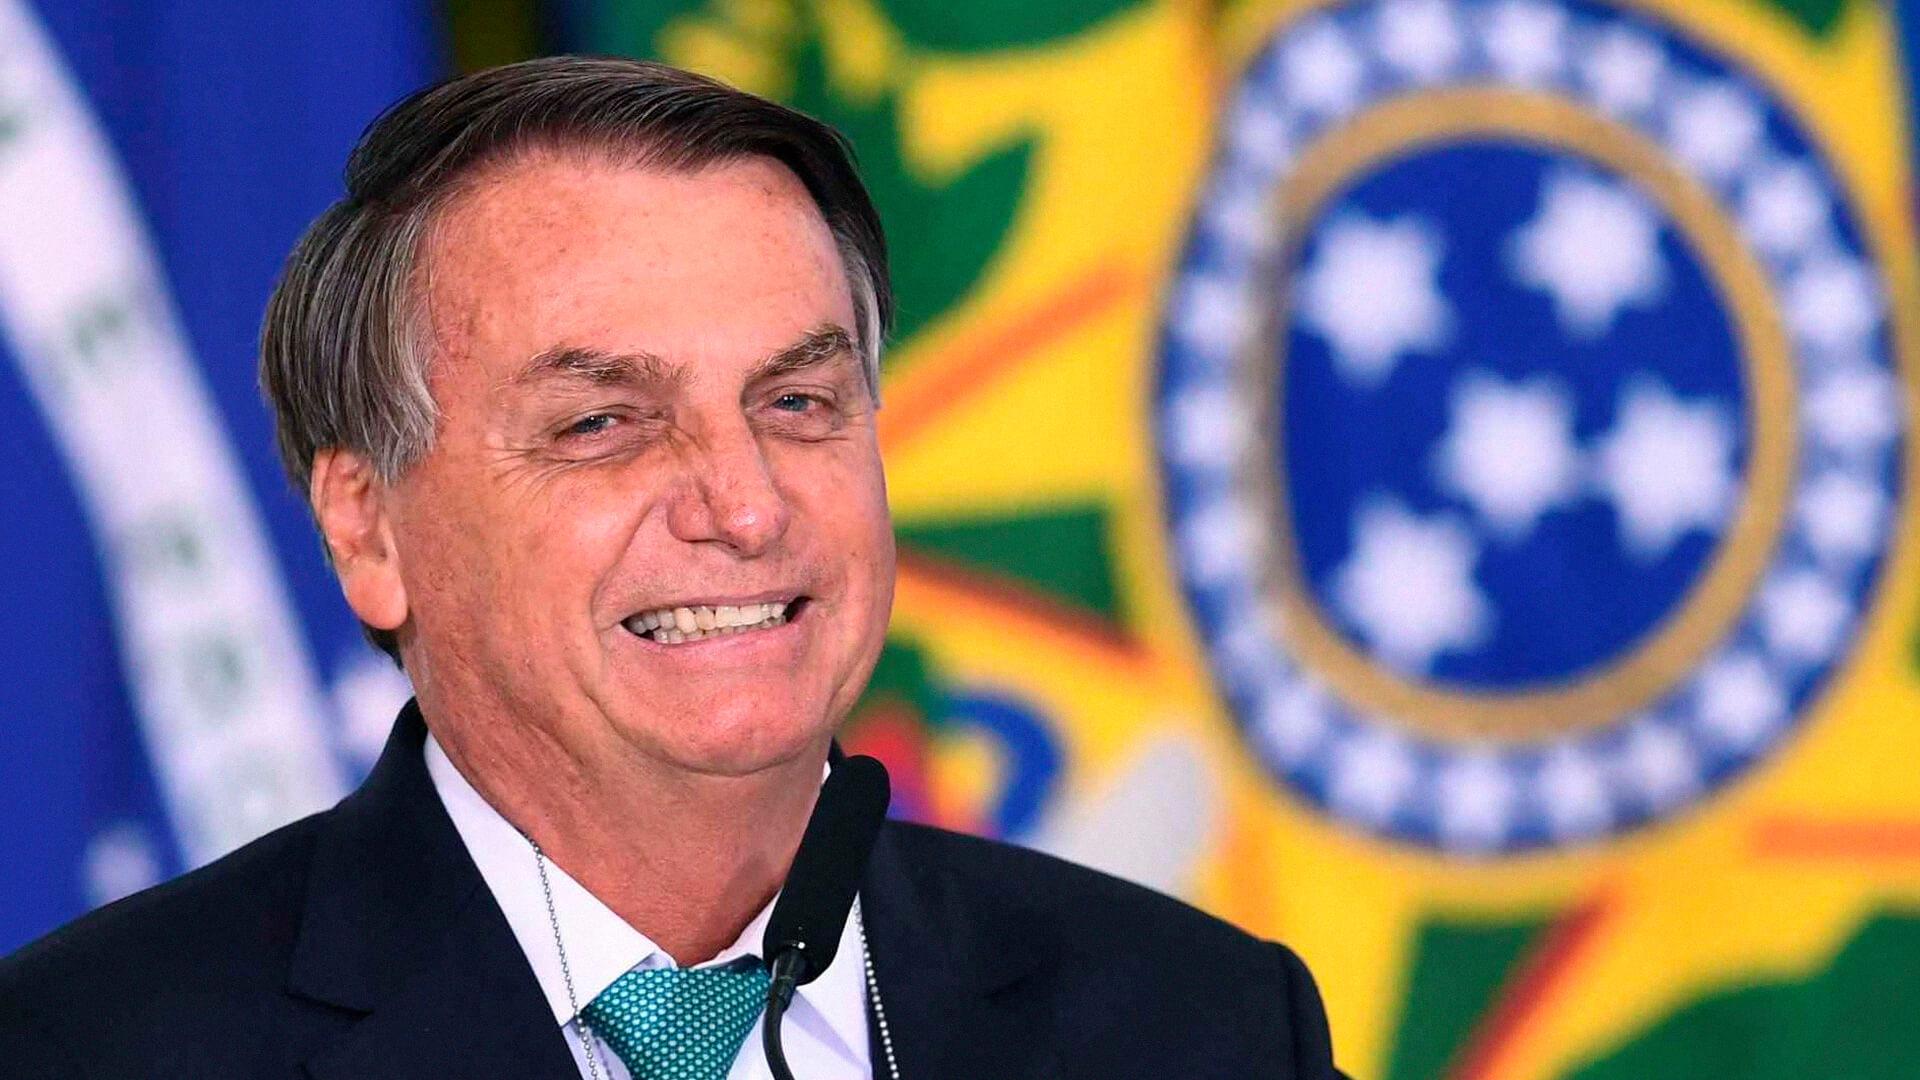 Bolsonaro deverá anunciar nos próximos dias, uma diminuição nas alíquotas de imposto sobre Produtos Industrializados para o setor de games.